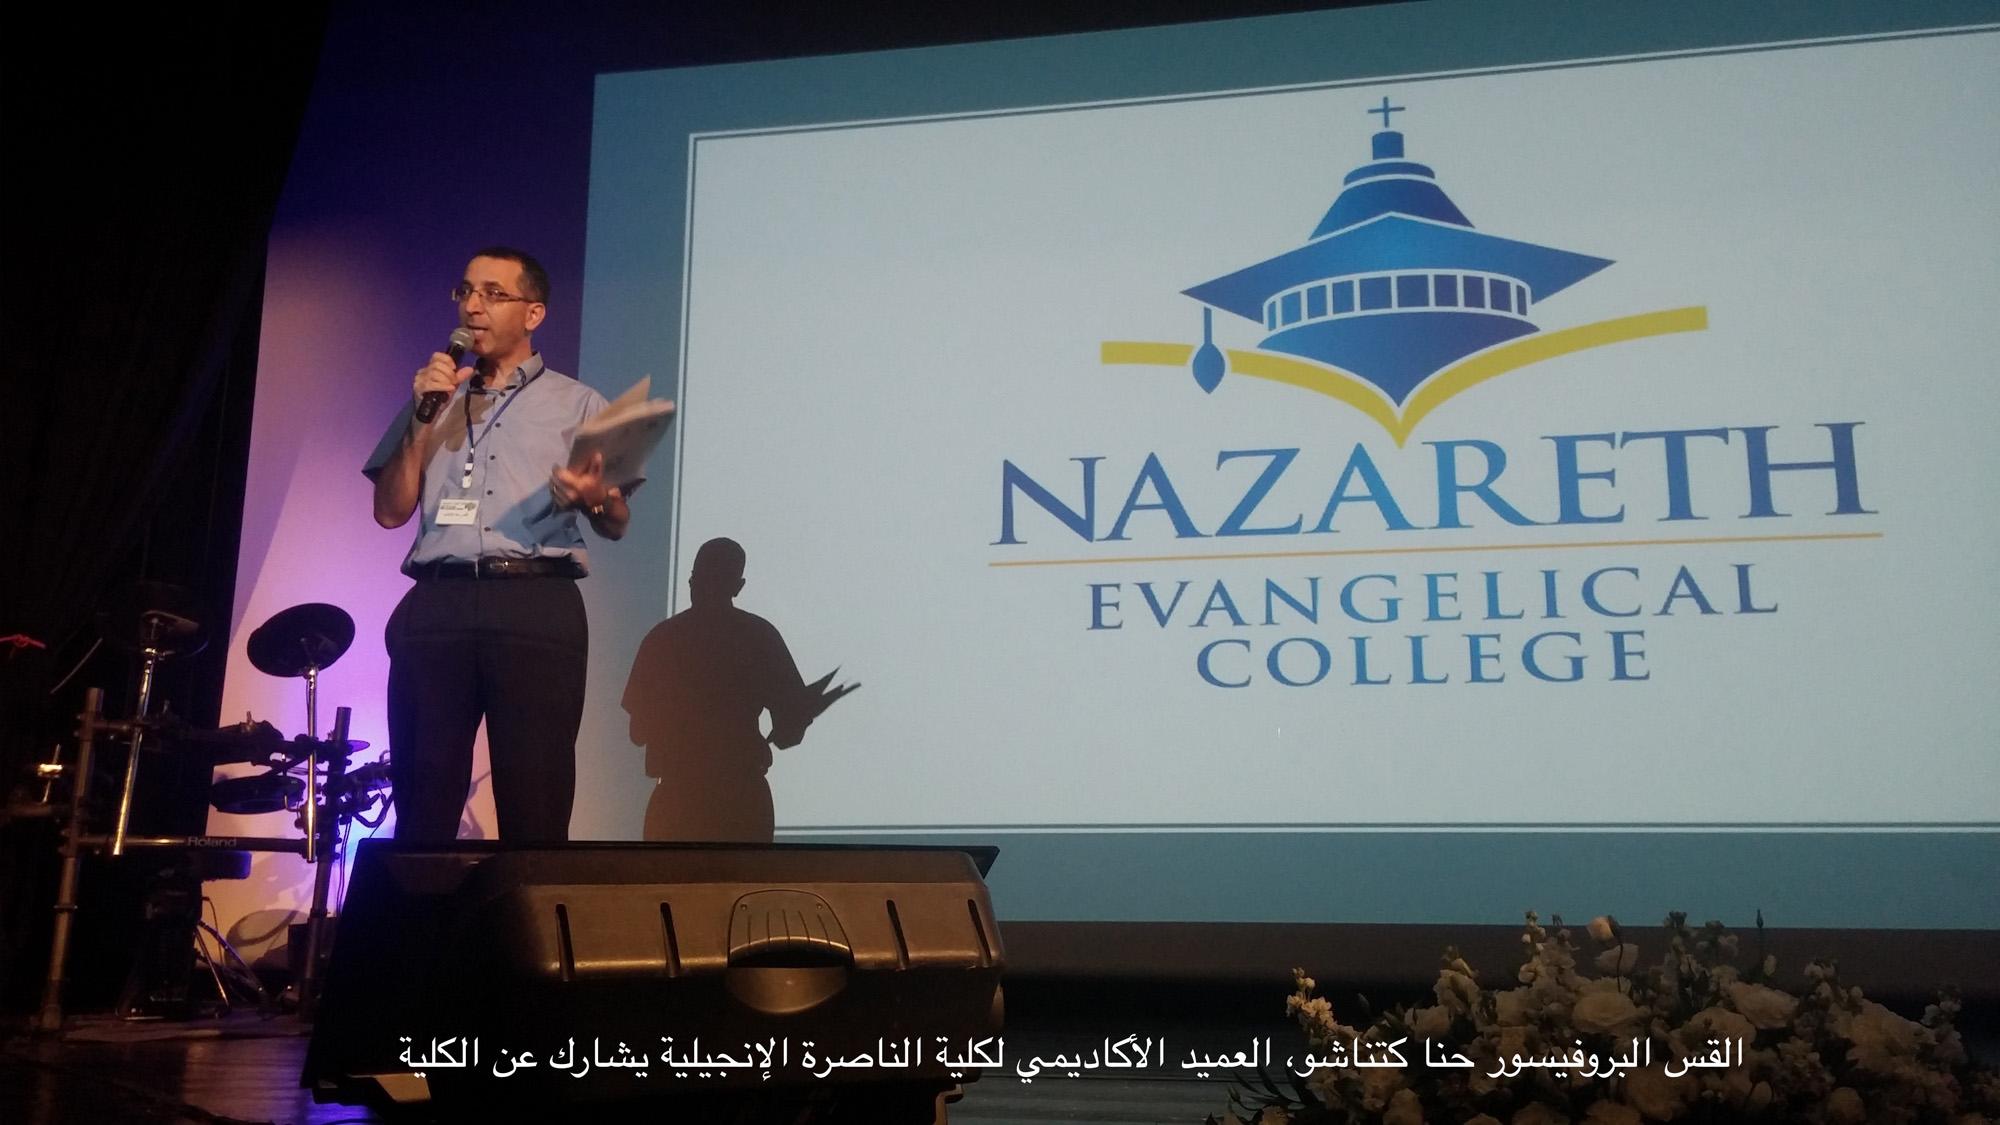 Rev. Hanna Katanacho on Nazareth Evangelical College